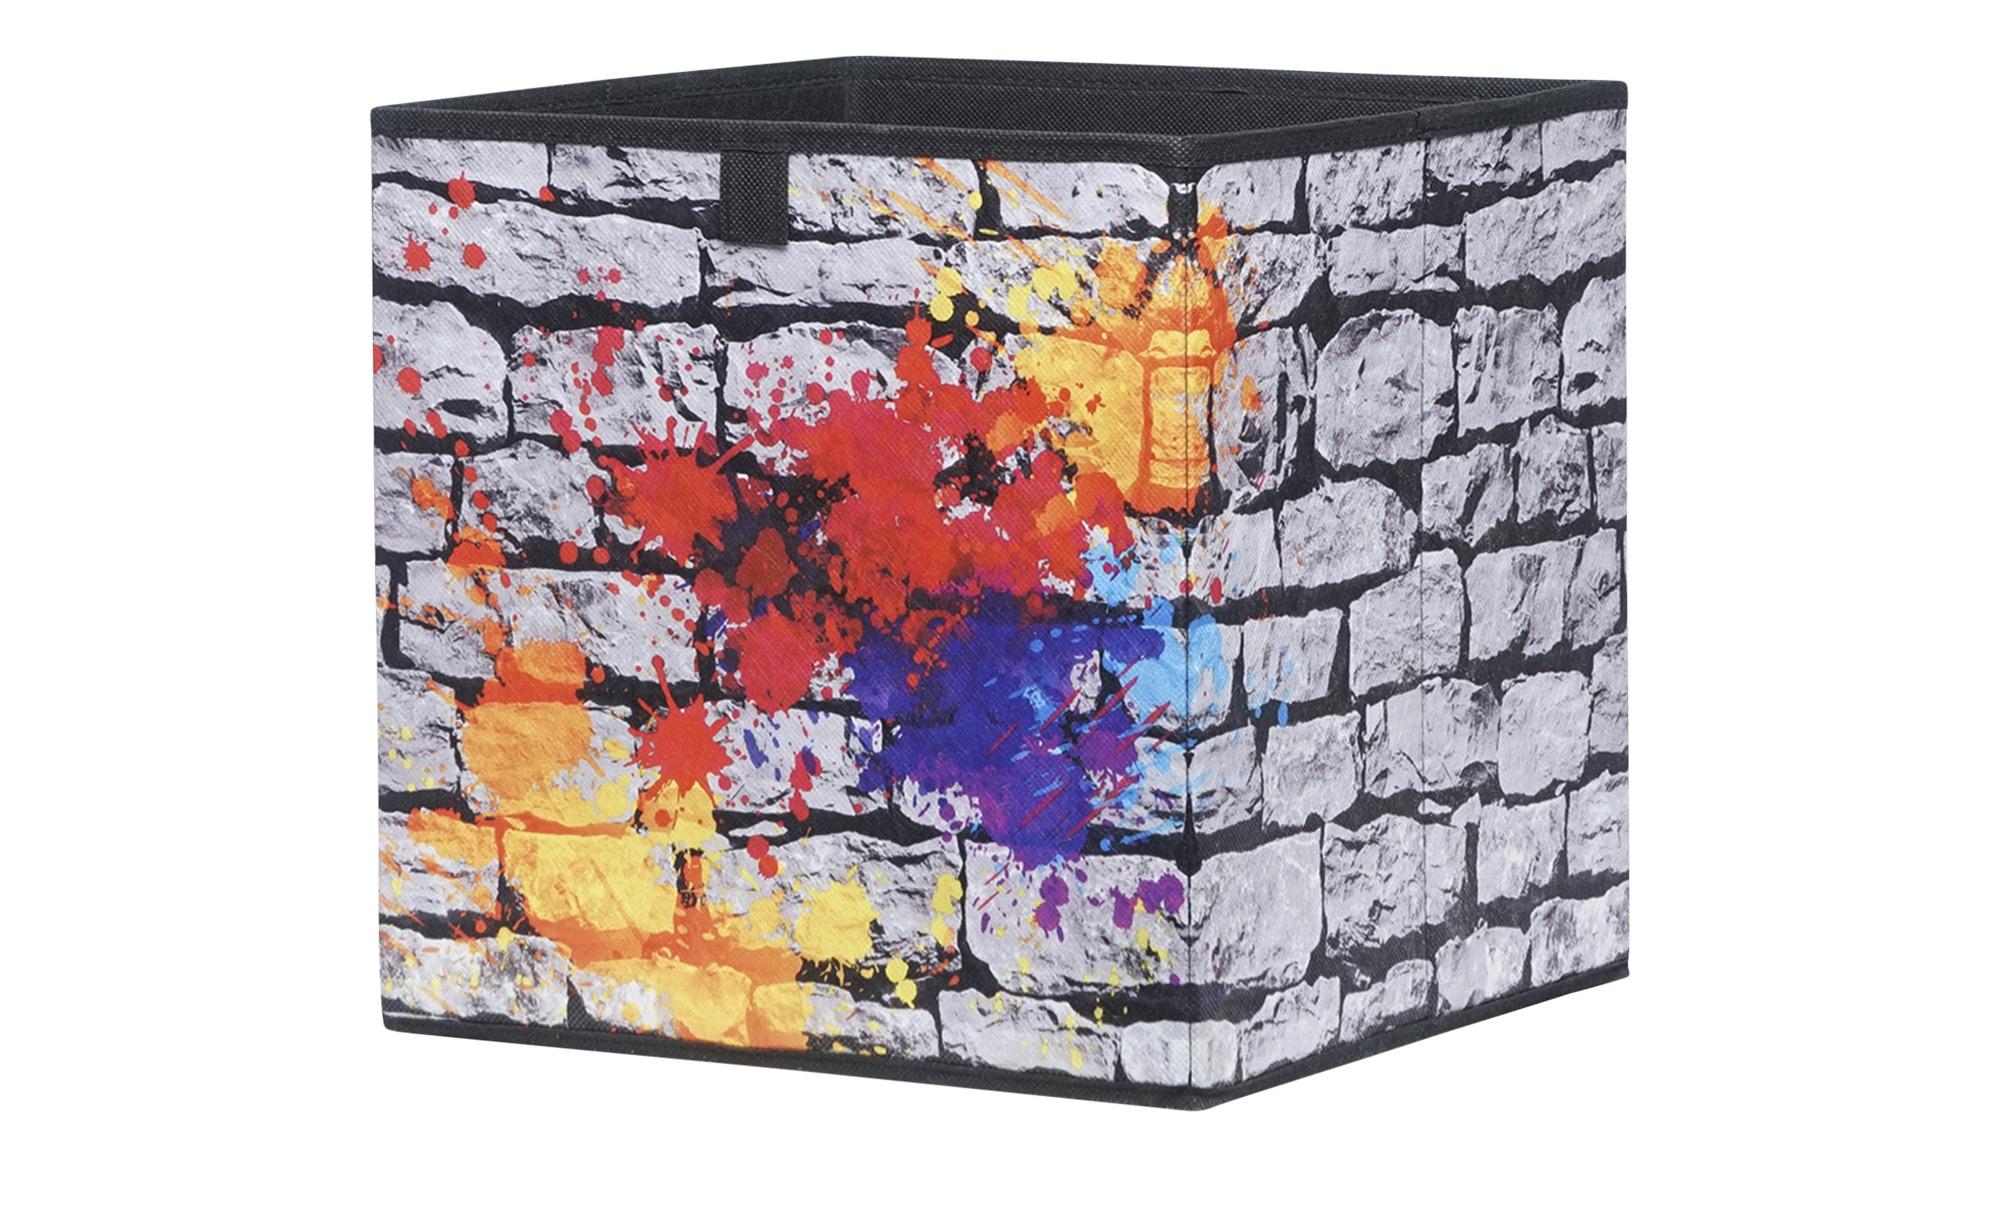 Faltbox - Polypropylen - 32 cm - 32 cm - 32 cm - Aufbewahrung > Aufbewahrungsboxen - Möbel Kraft   Dekoration > Aufbewahrung und Ordnung > Kästchen   Möbel Kraft